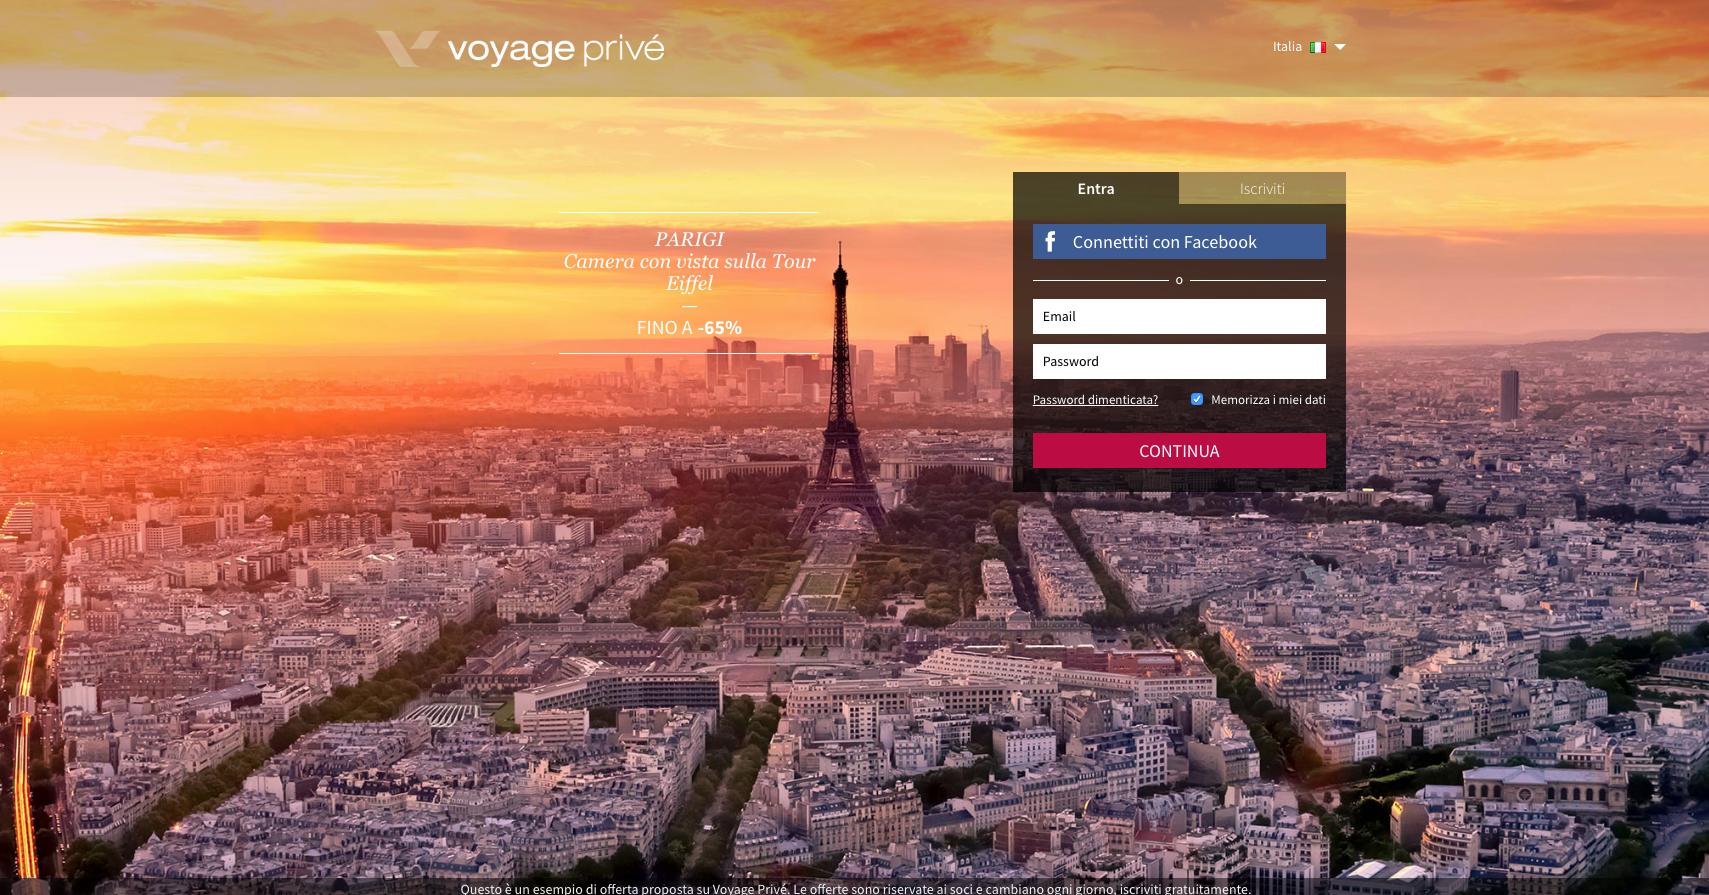 siti web di viaggi: voyageprive